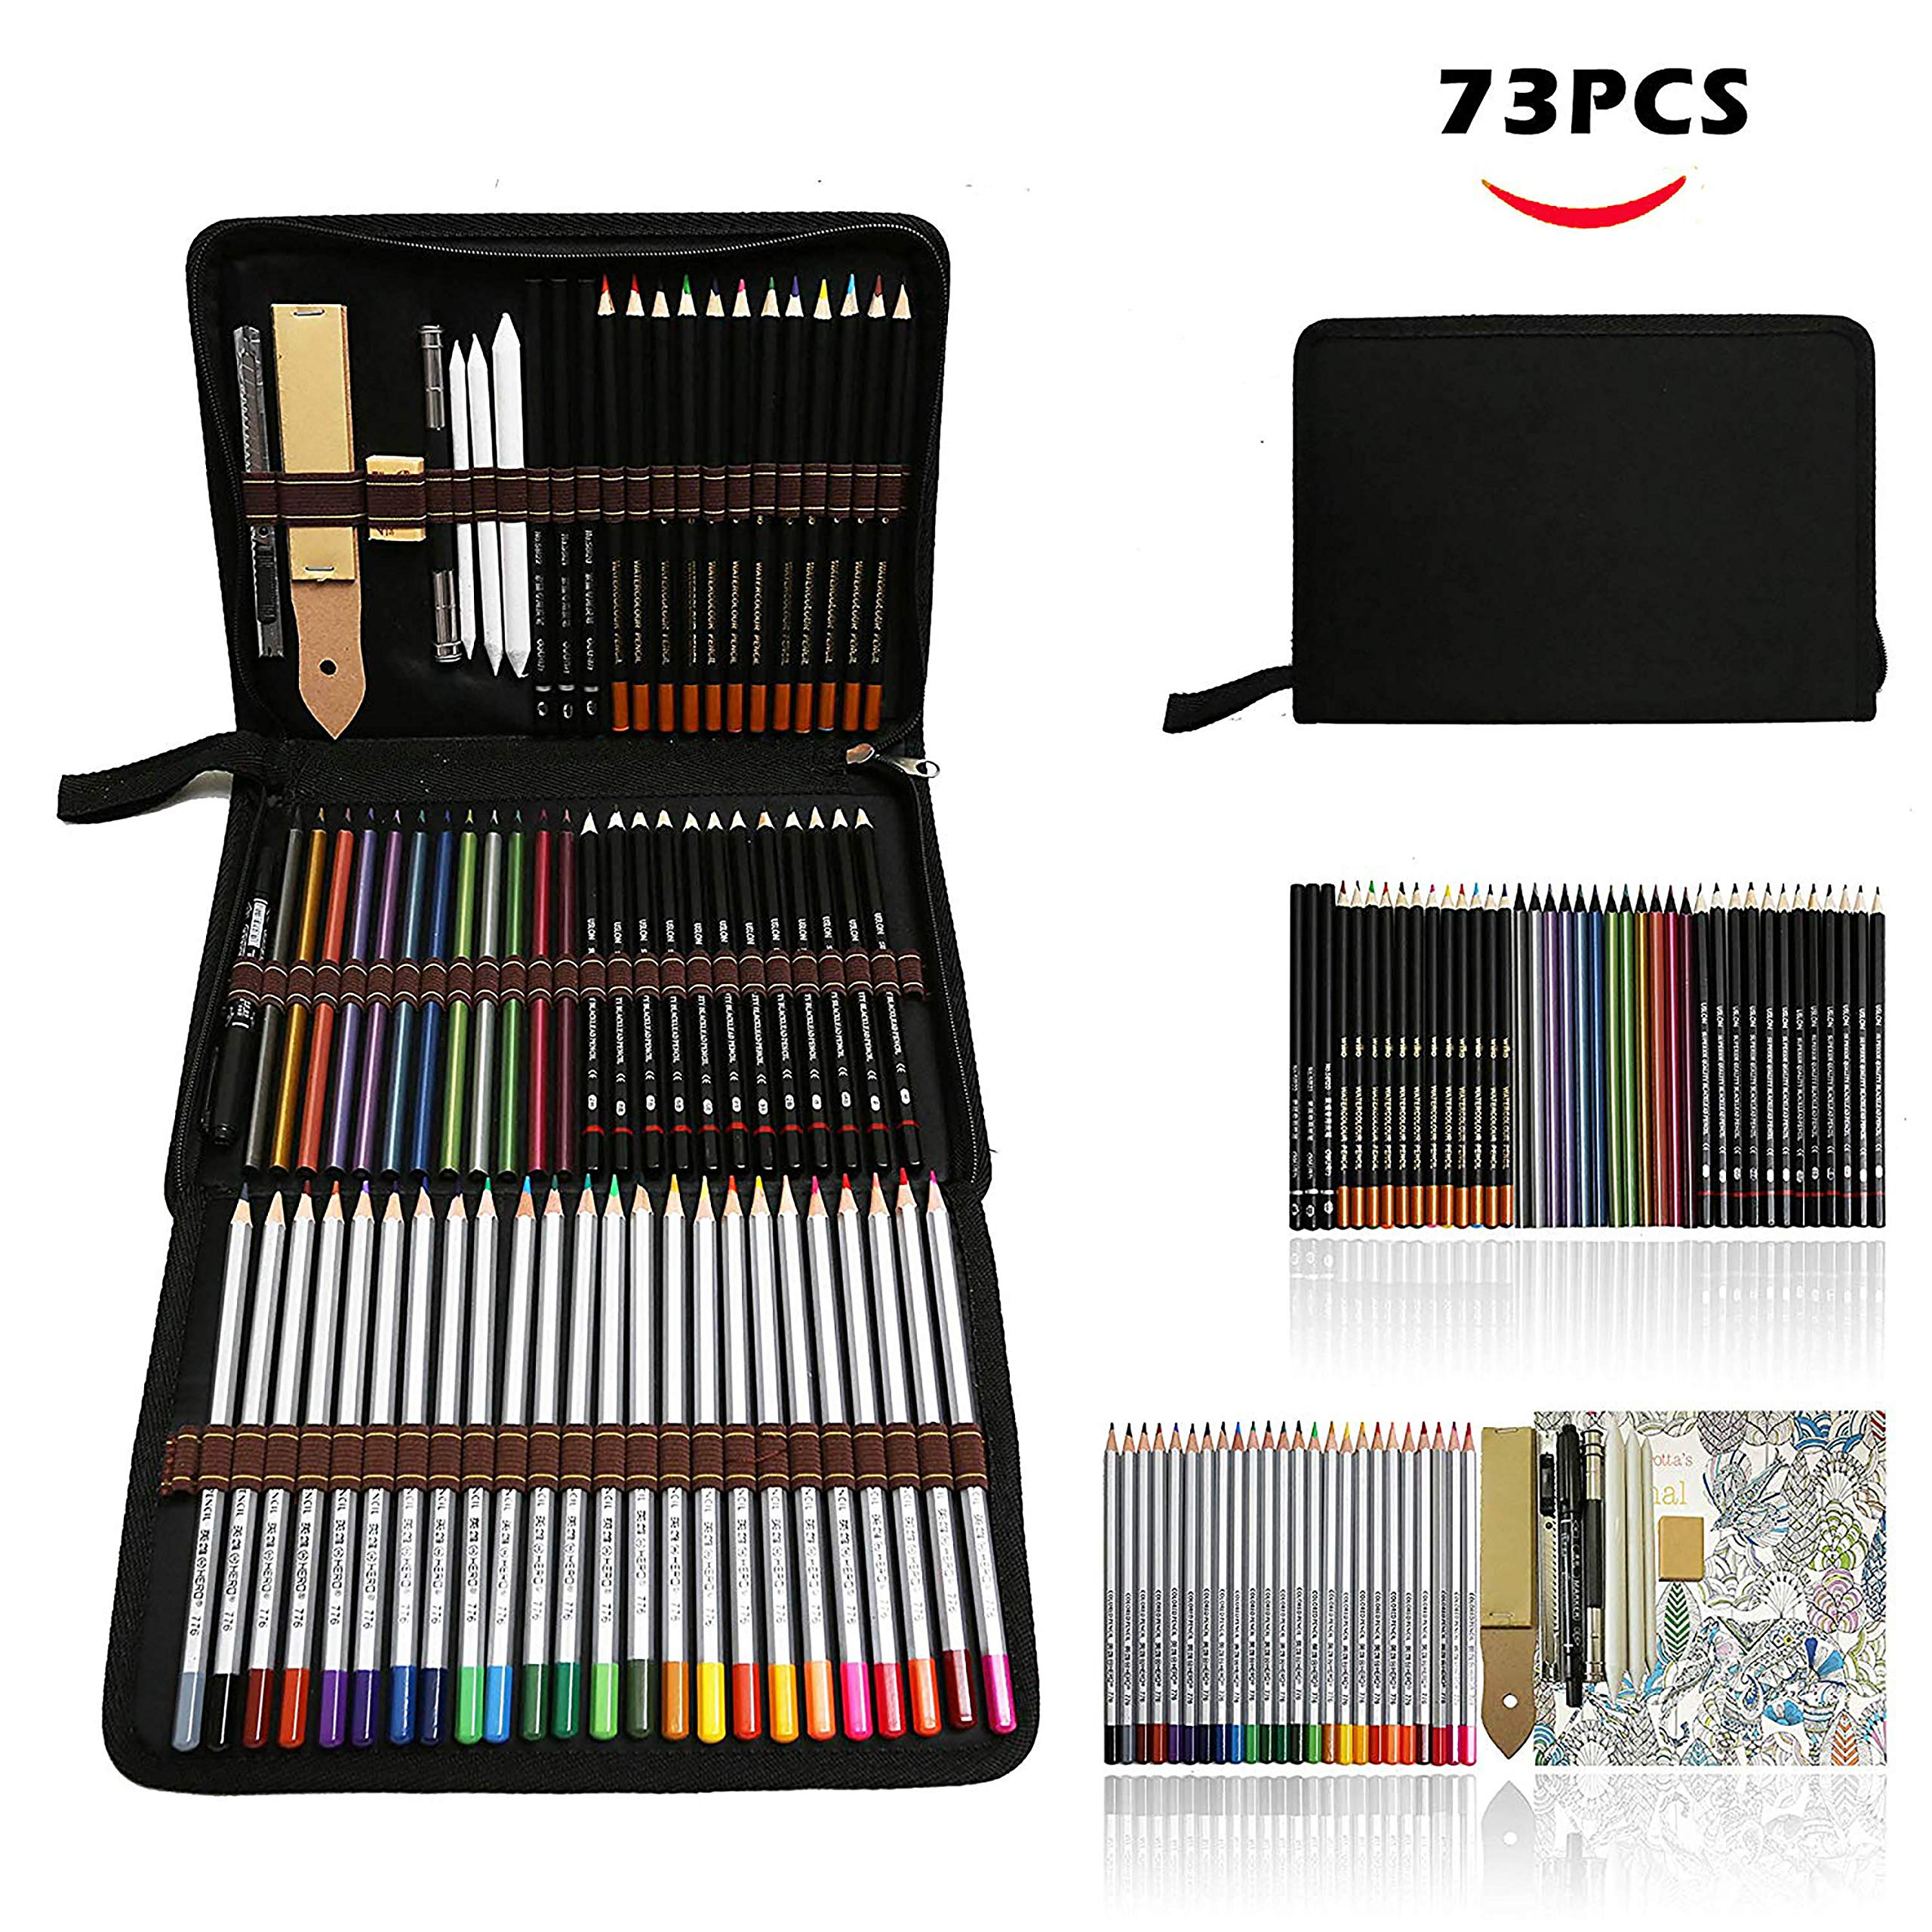 Zzone Matite Colorate Artistico Kit Per Schizzo E Disegno Disegni A